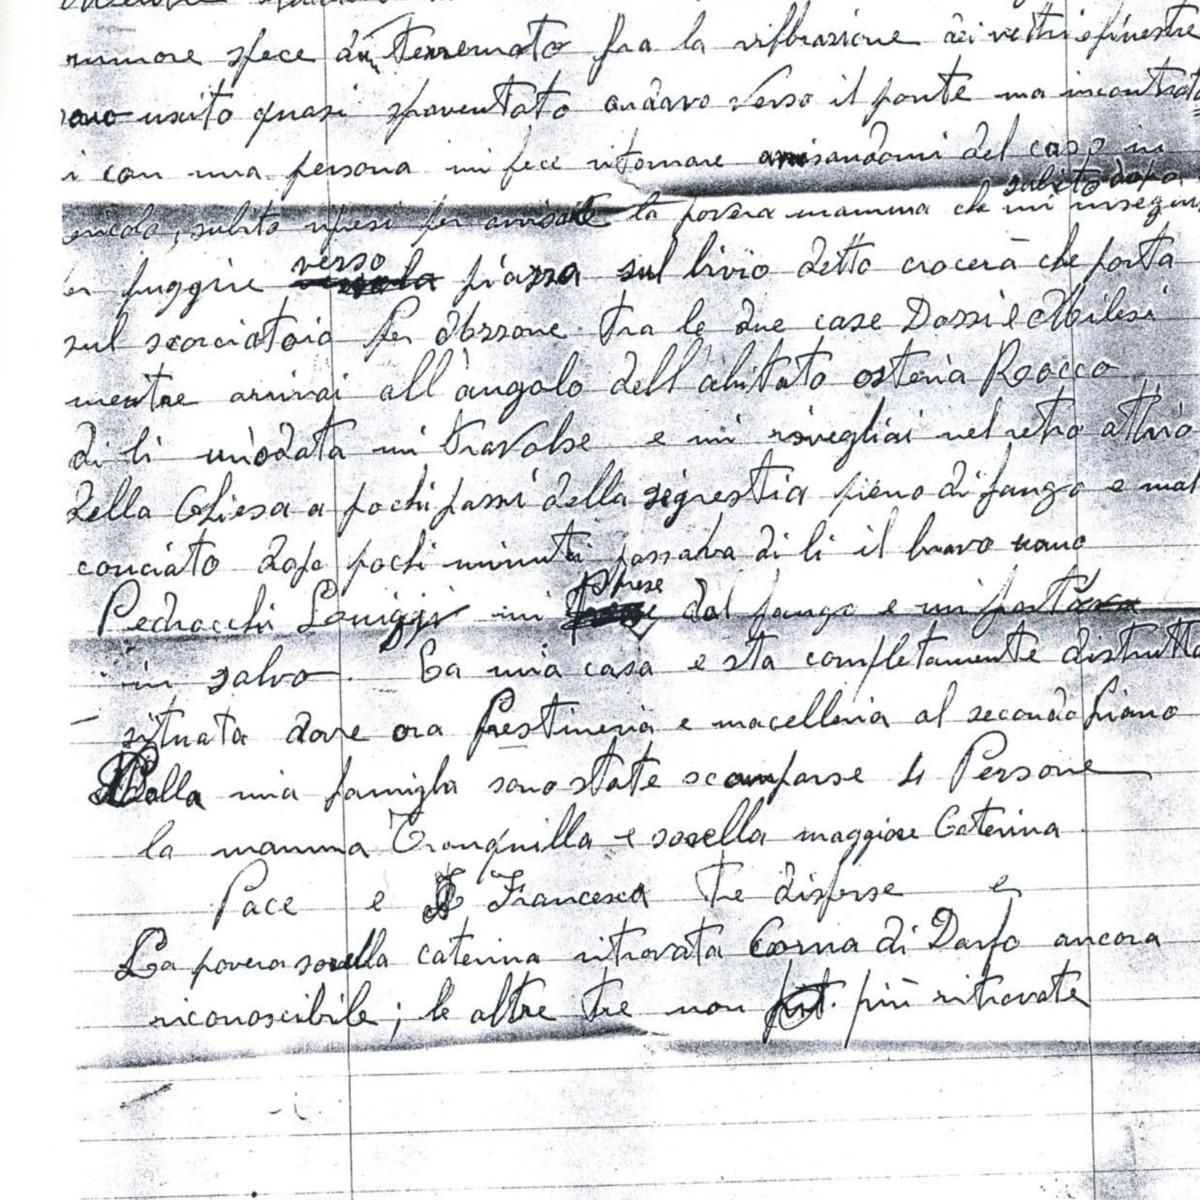 Lettera di Bettineschi Gianmario fu Tranquillo